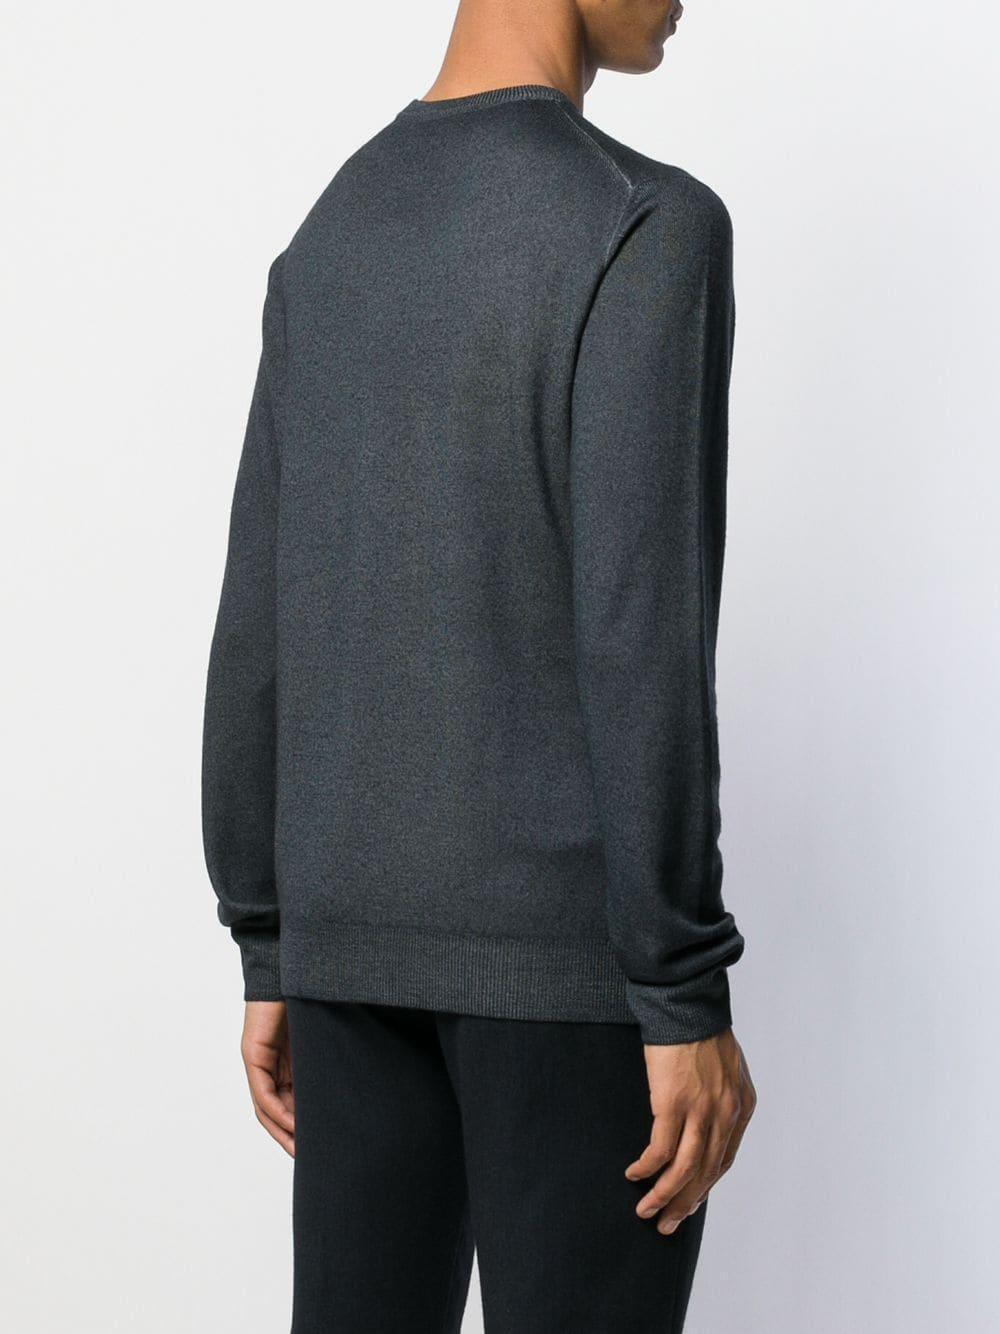 Etro Wol Casual Sweater in het Grijs voor heren